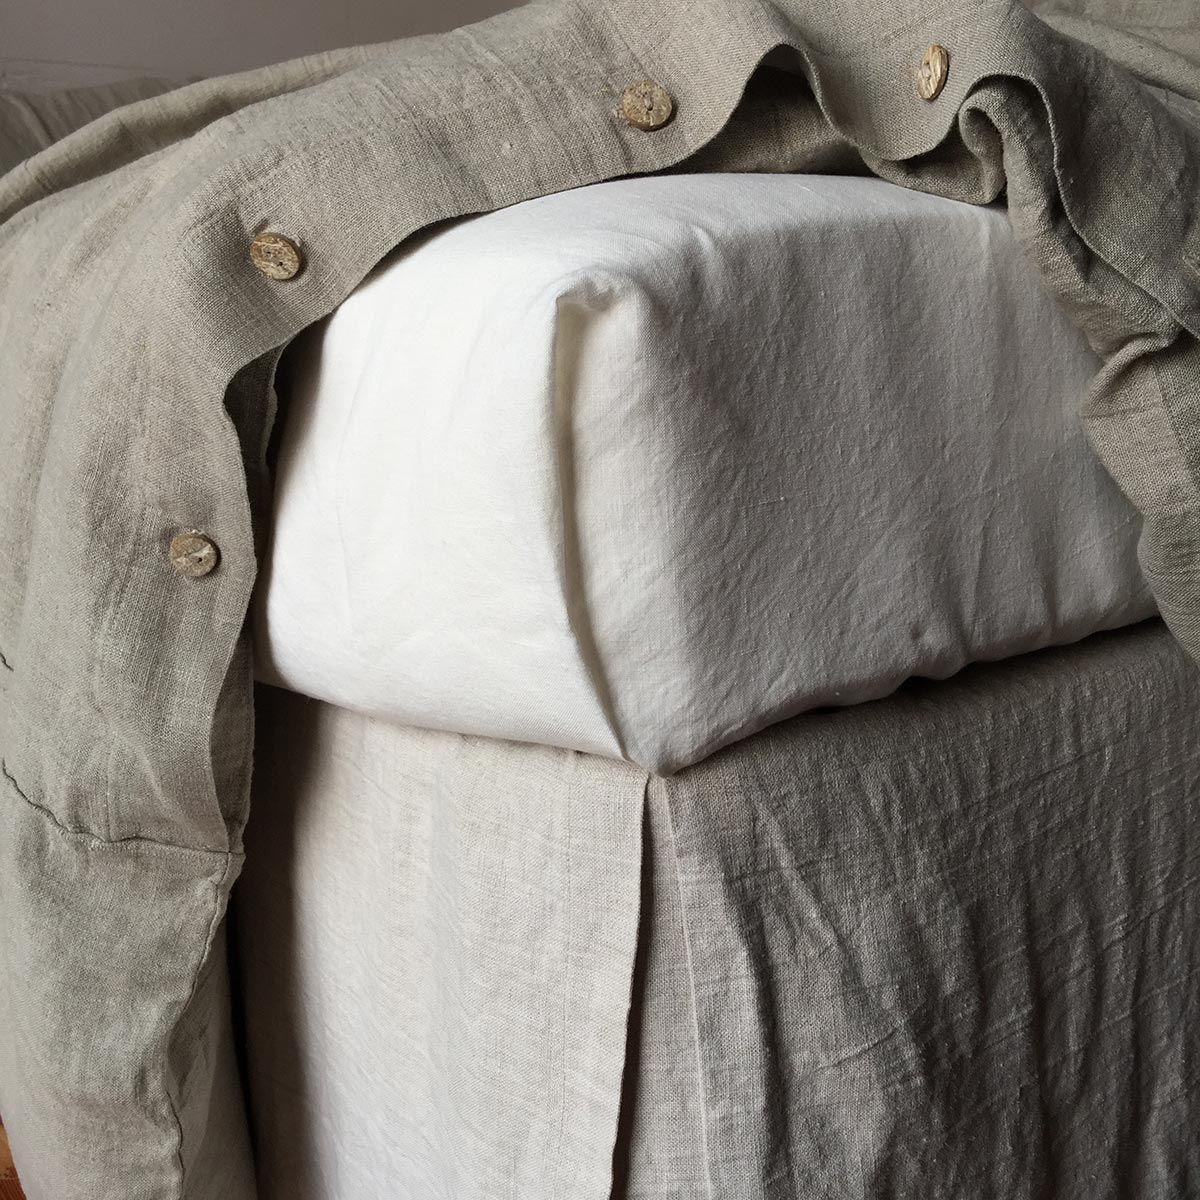 Smooth Linen Flat Sheet Rough linen, Smooth linen, Linen